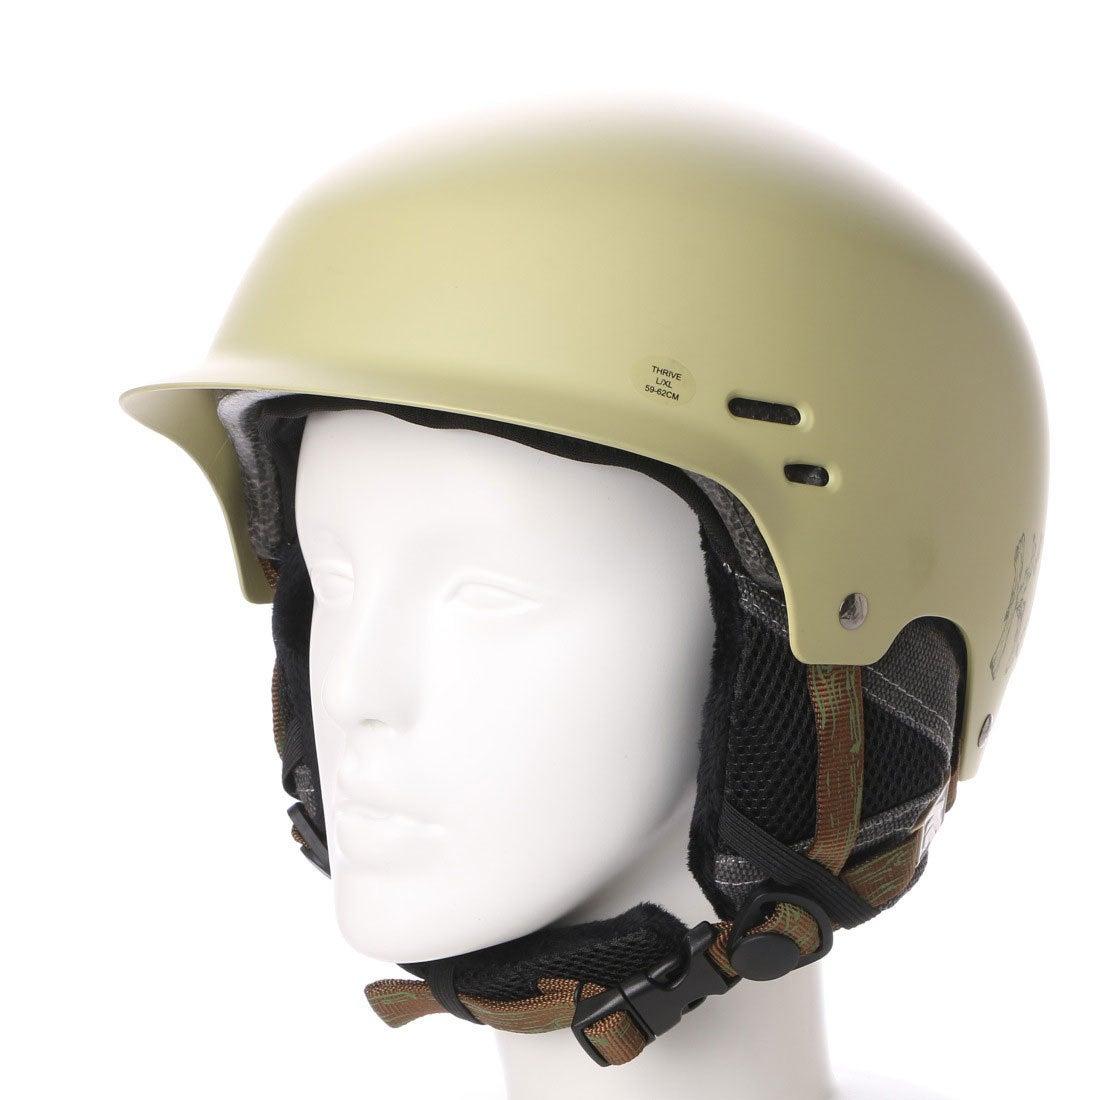 【SALE 24%OFF】ケーツー K2 ユニセックス スキー/スノーボード ヘルメット スライブ S160800601 128